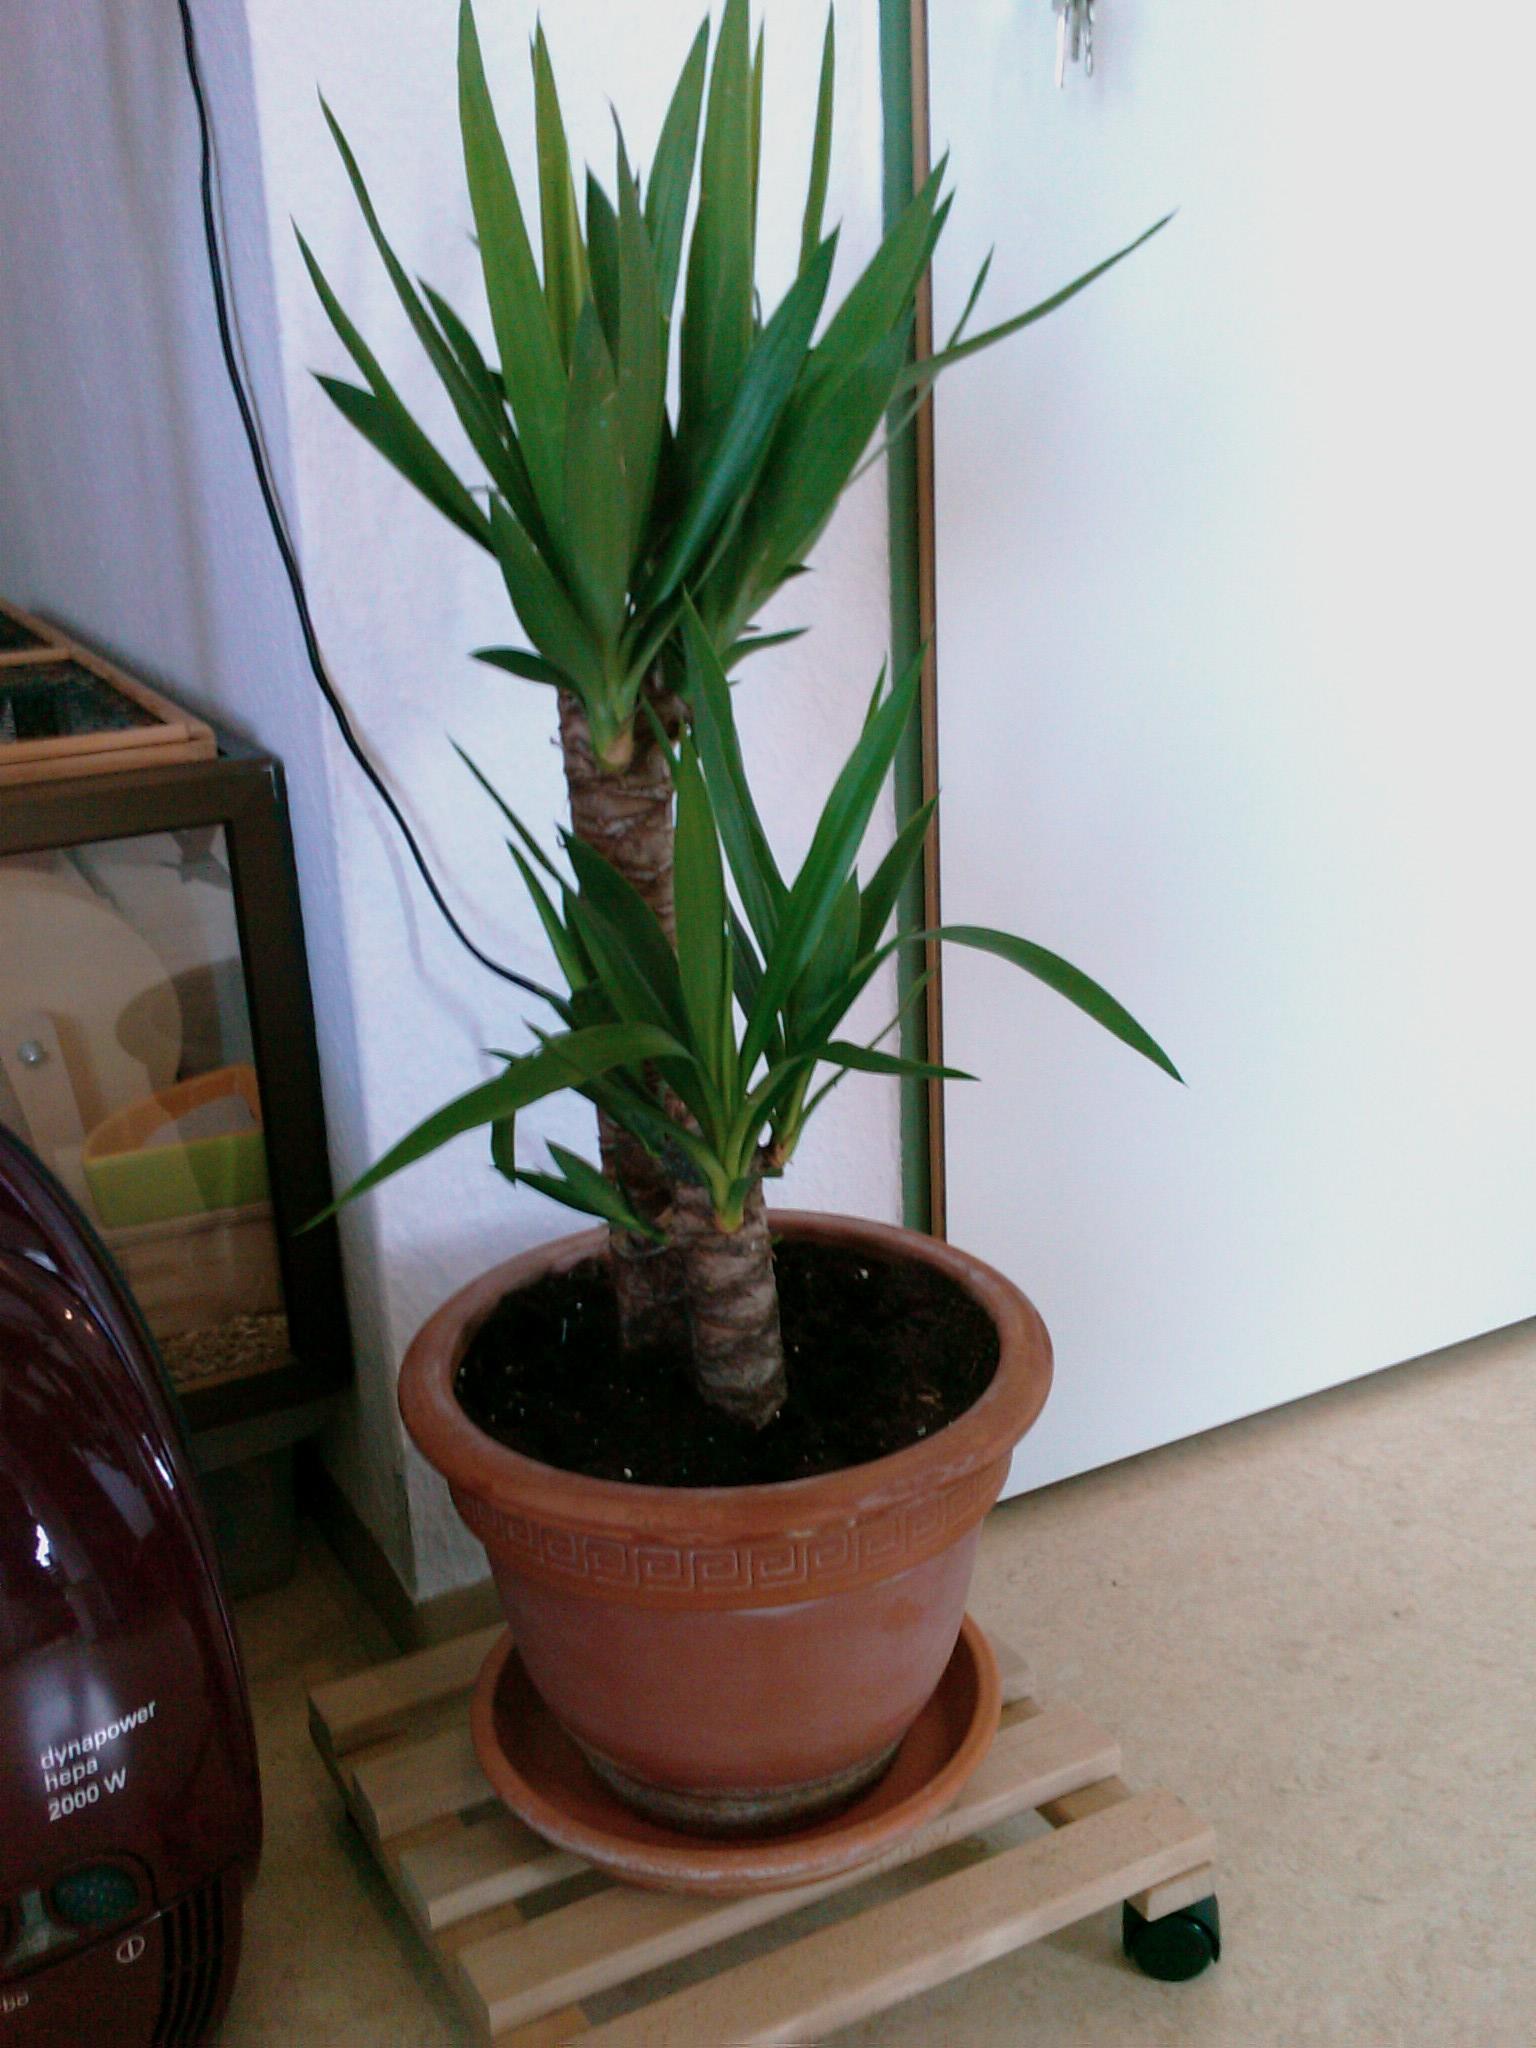 yucca beim umtopfen besch digt pflanzen botanik green24 hilfe pflege bilder. Black Bedroom Furniture Sets. Home Design Ideas